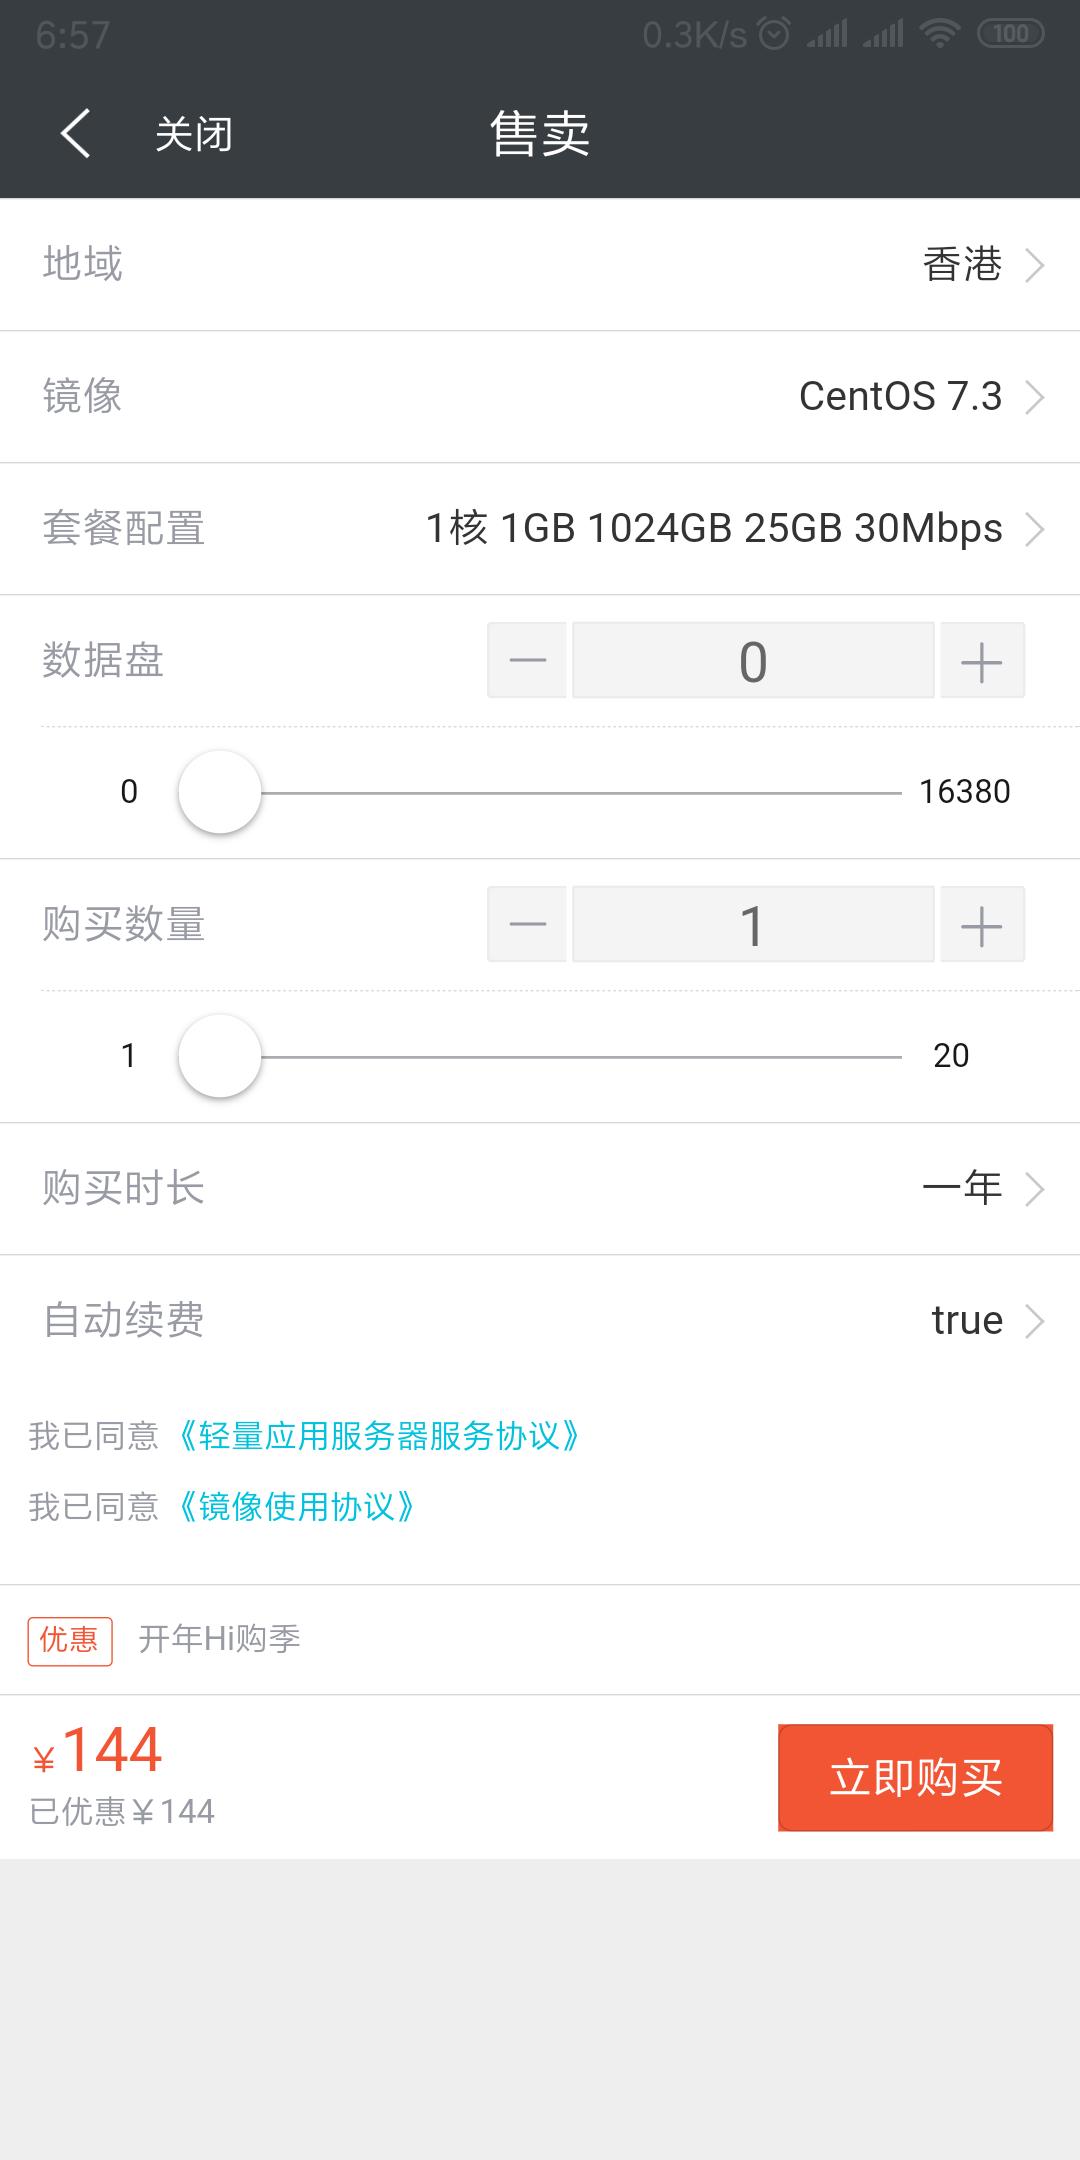 阿里云:144元/年/1GB内存/25GB SSD空间/1TB流量/KVM/30Mbps/香港/新加坡